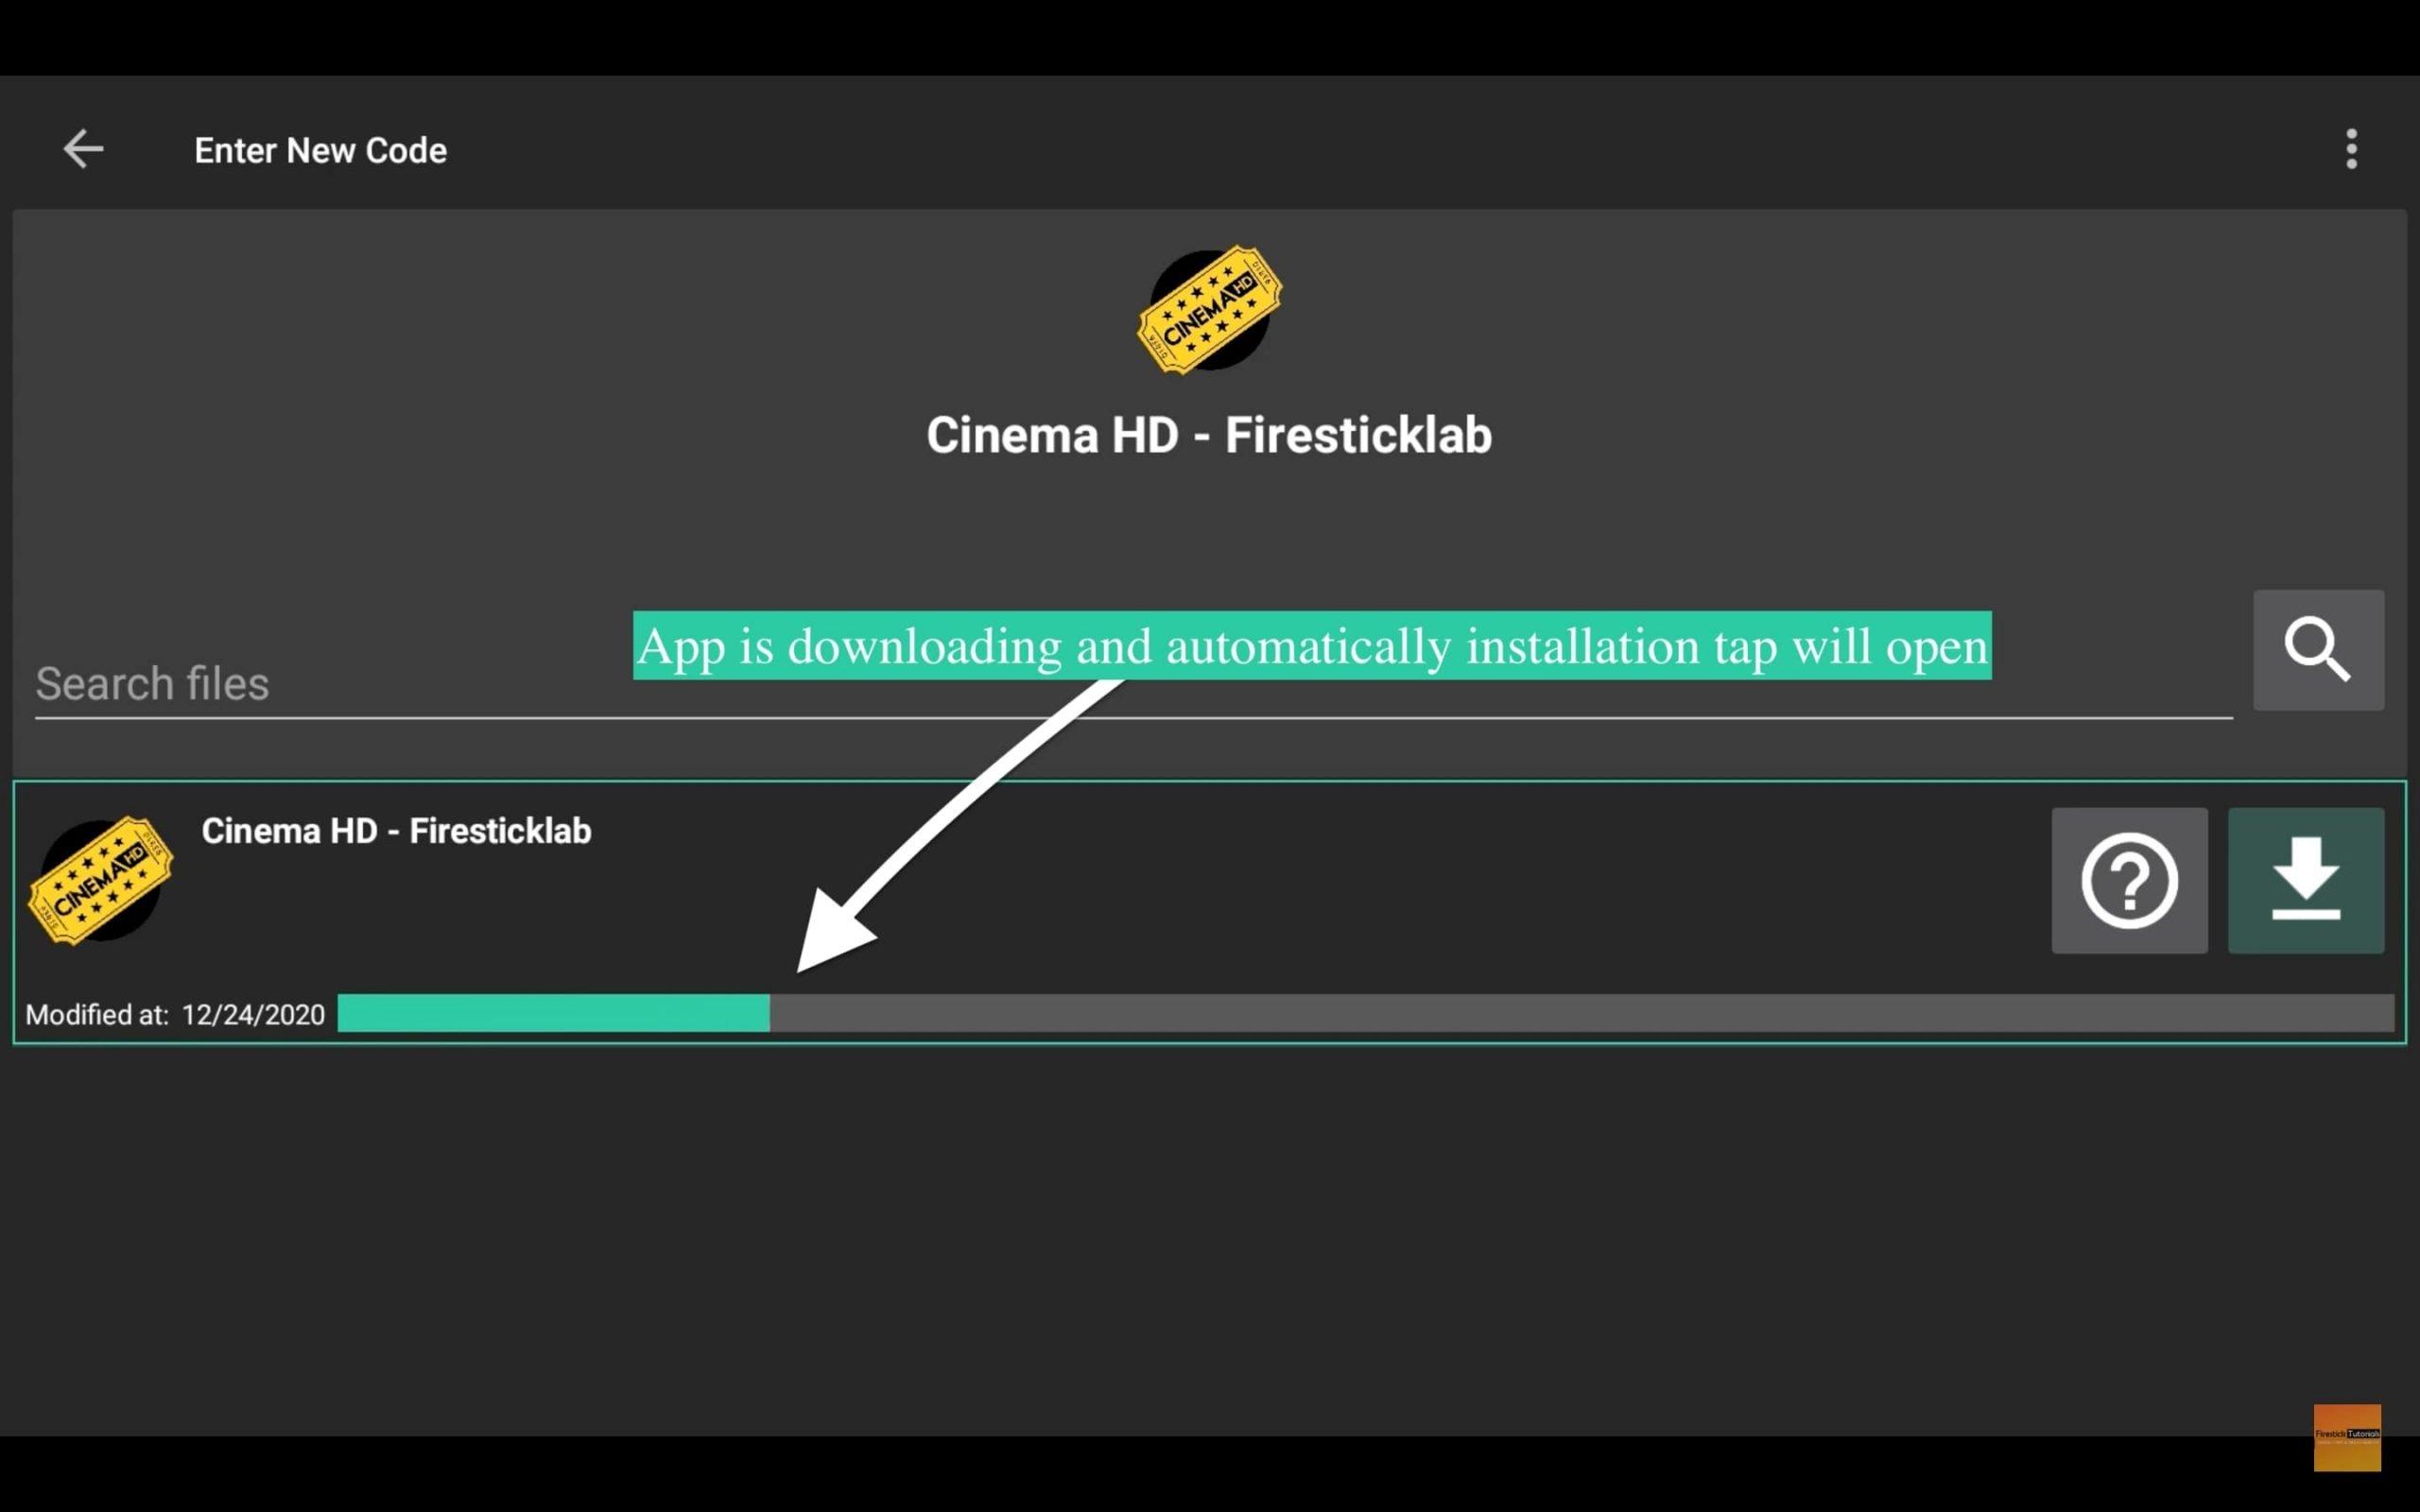 Filelinked-App-downloading